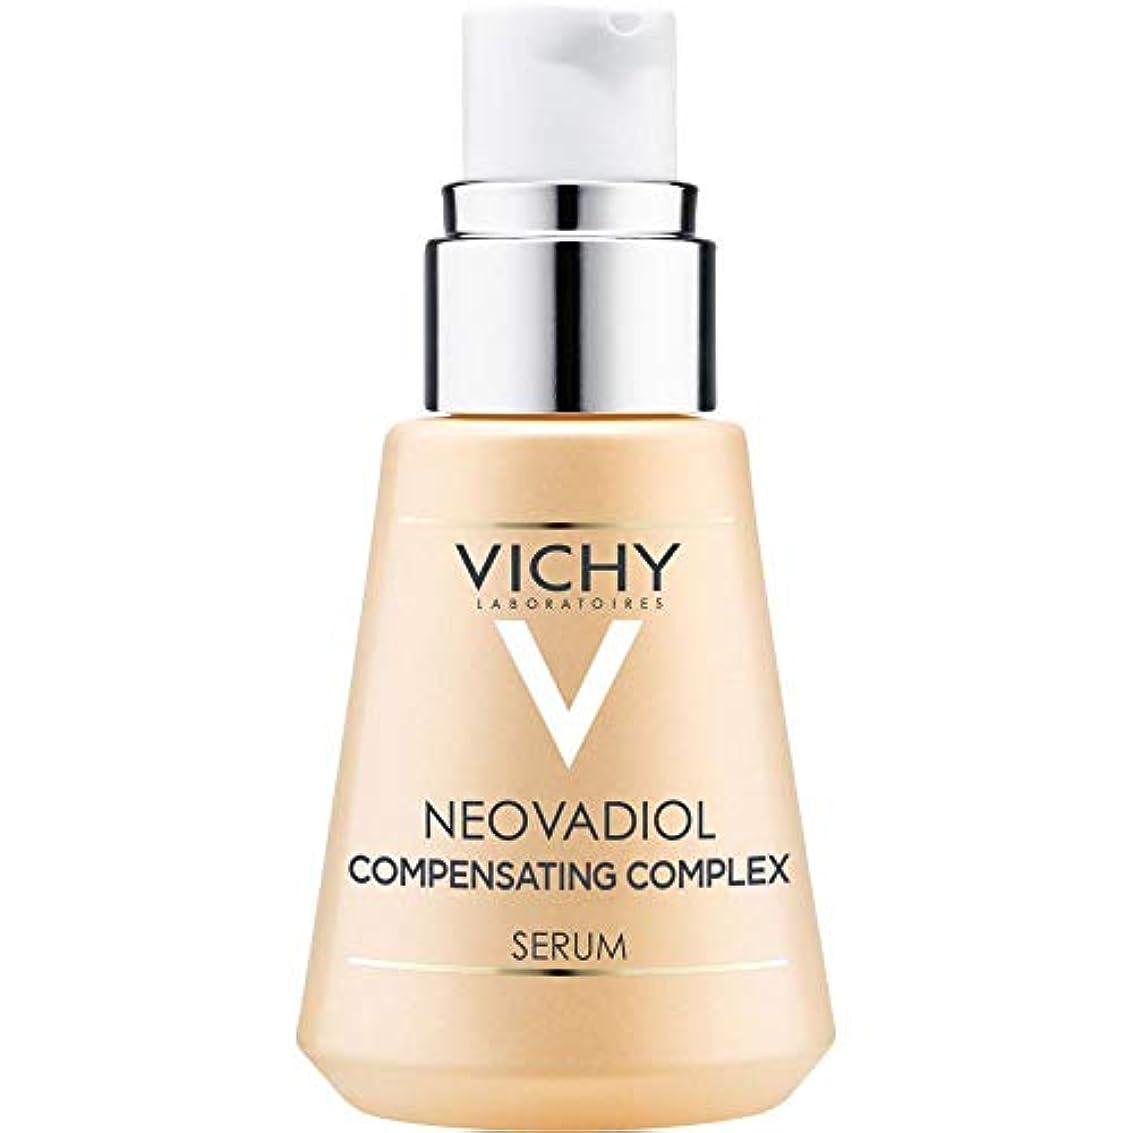 言う法医学ルール[Vichy] 複雑なセラム30Mlを補償Neovadiolヴィシー - Vichy Neovadiol Compensating Complex Serum 30ml [並行輸入品]